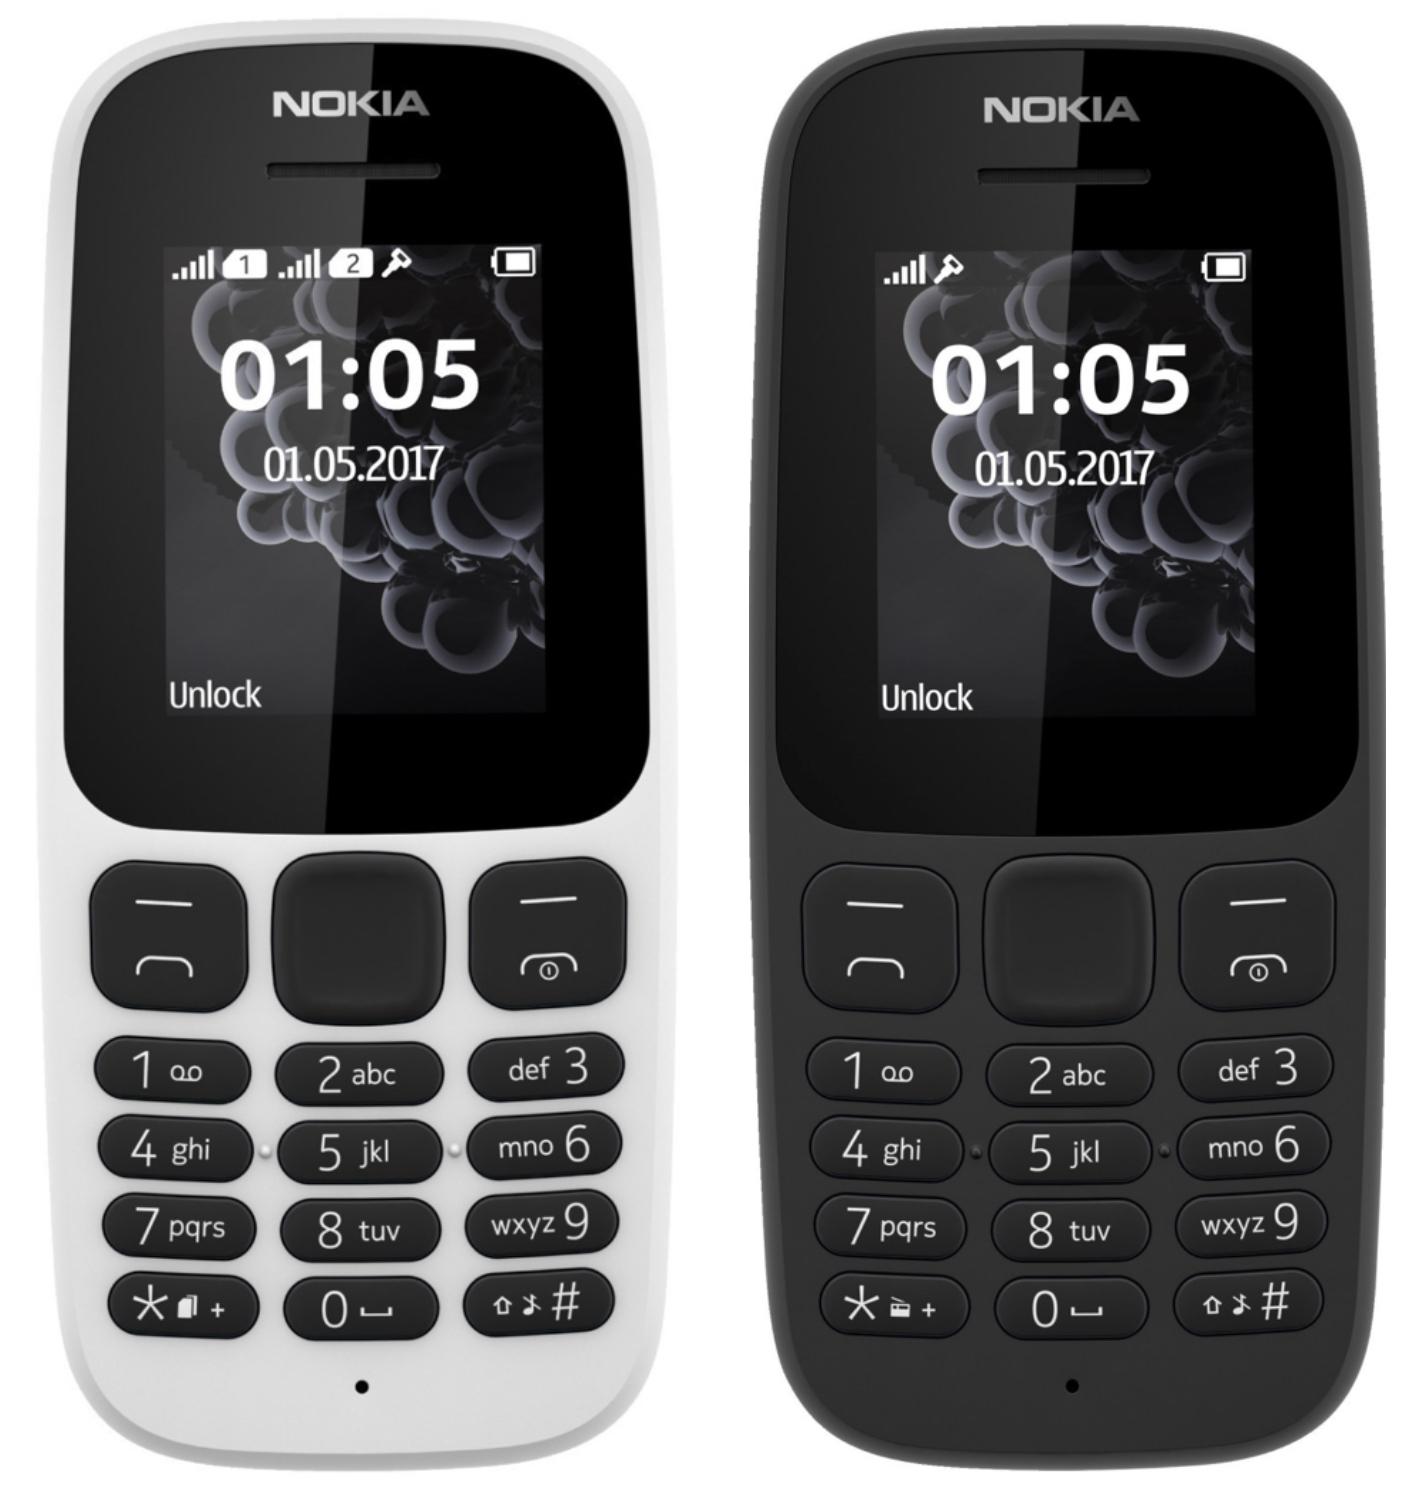 NOKIA 105 Dual SIM Handy weiß oder schwarz für je 13€ inkl. Versandkosten - [Saturn/MediaMarkt]